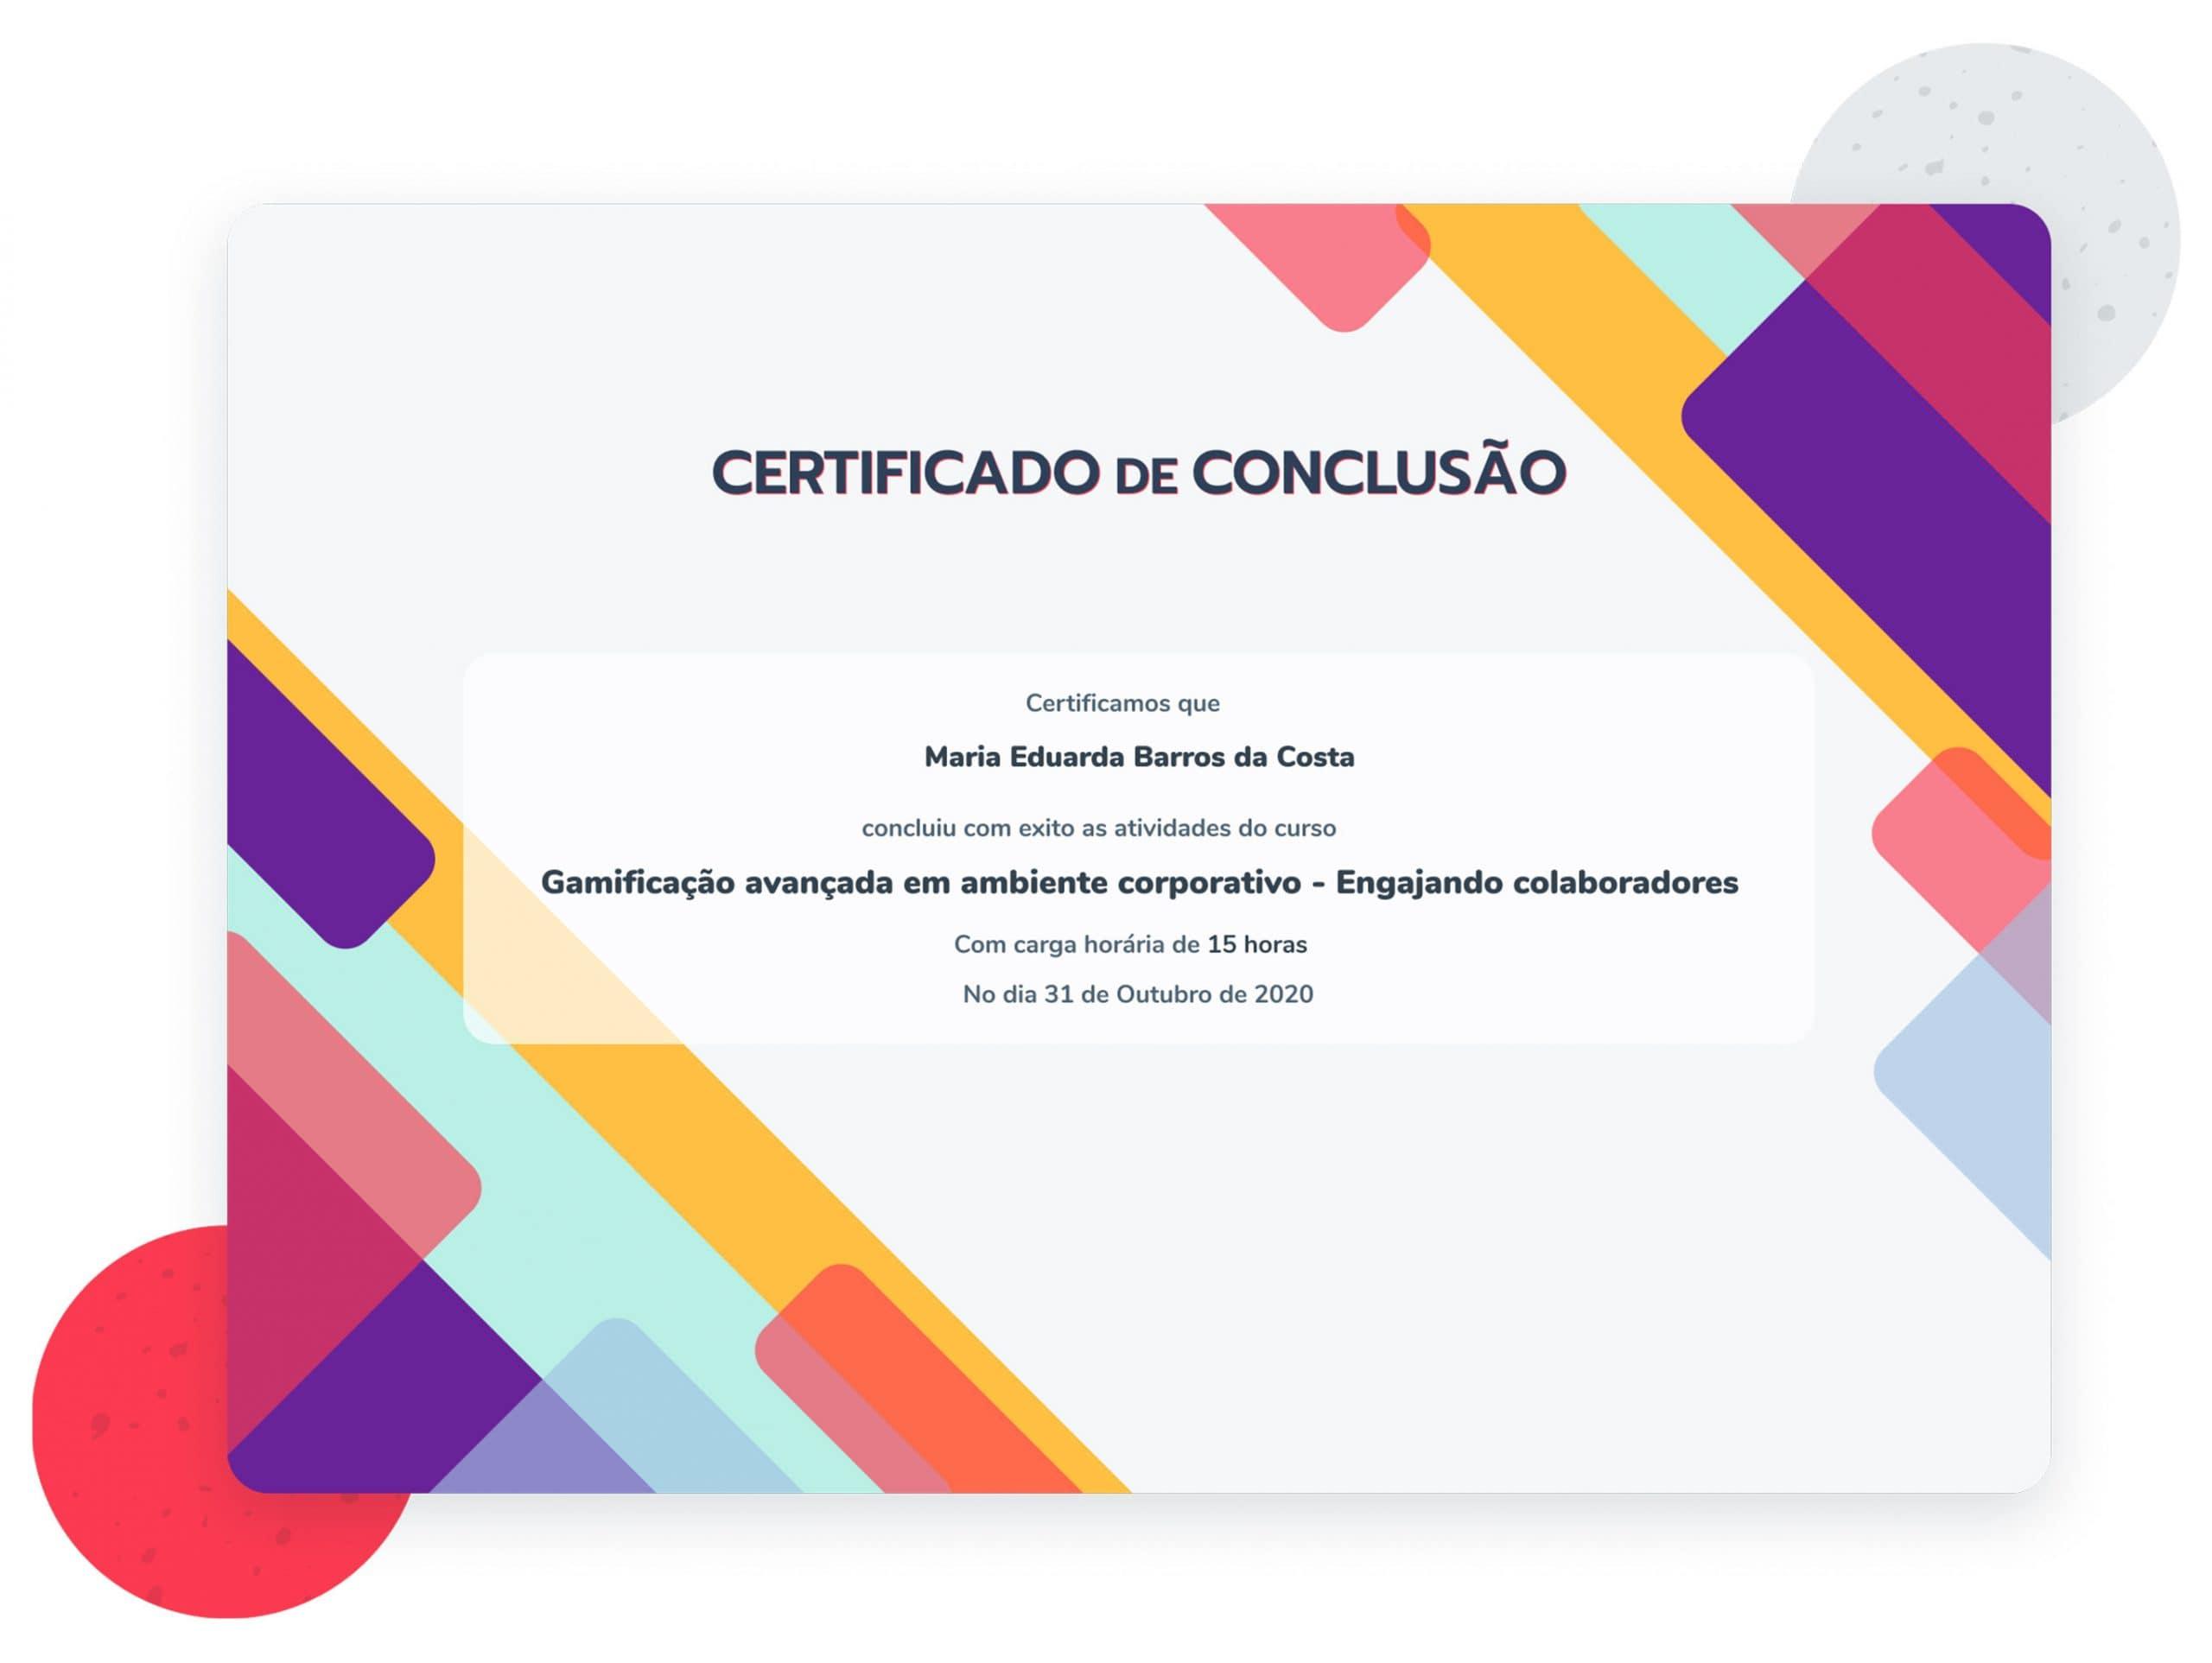 Ludos pro certificado gamificacao